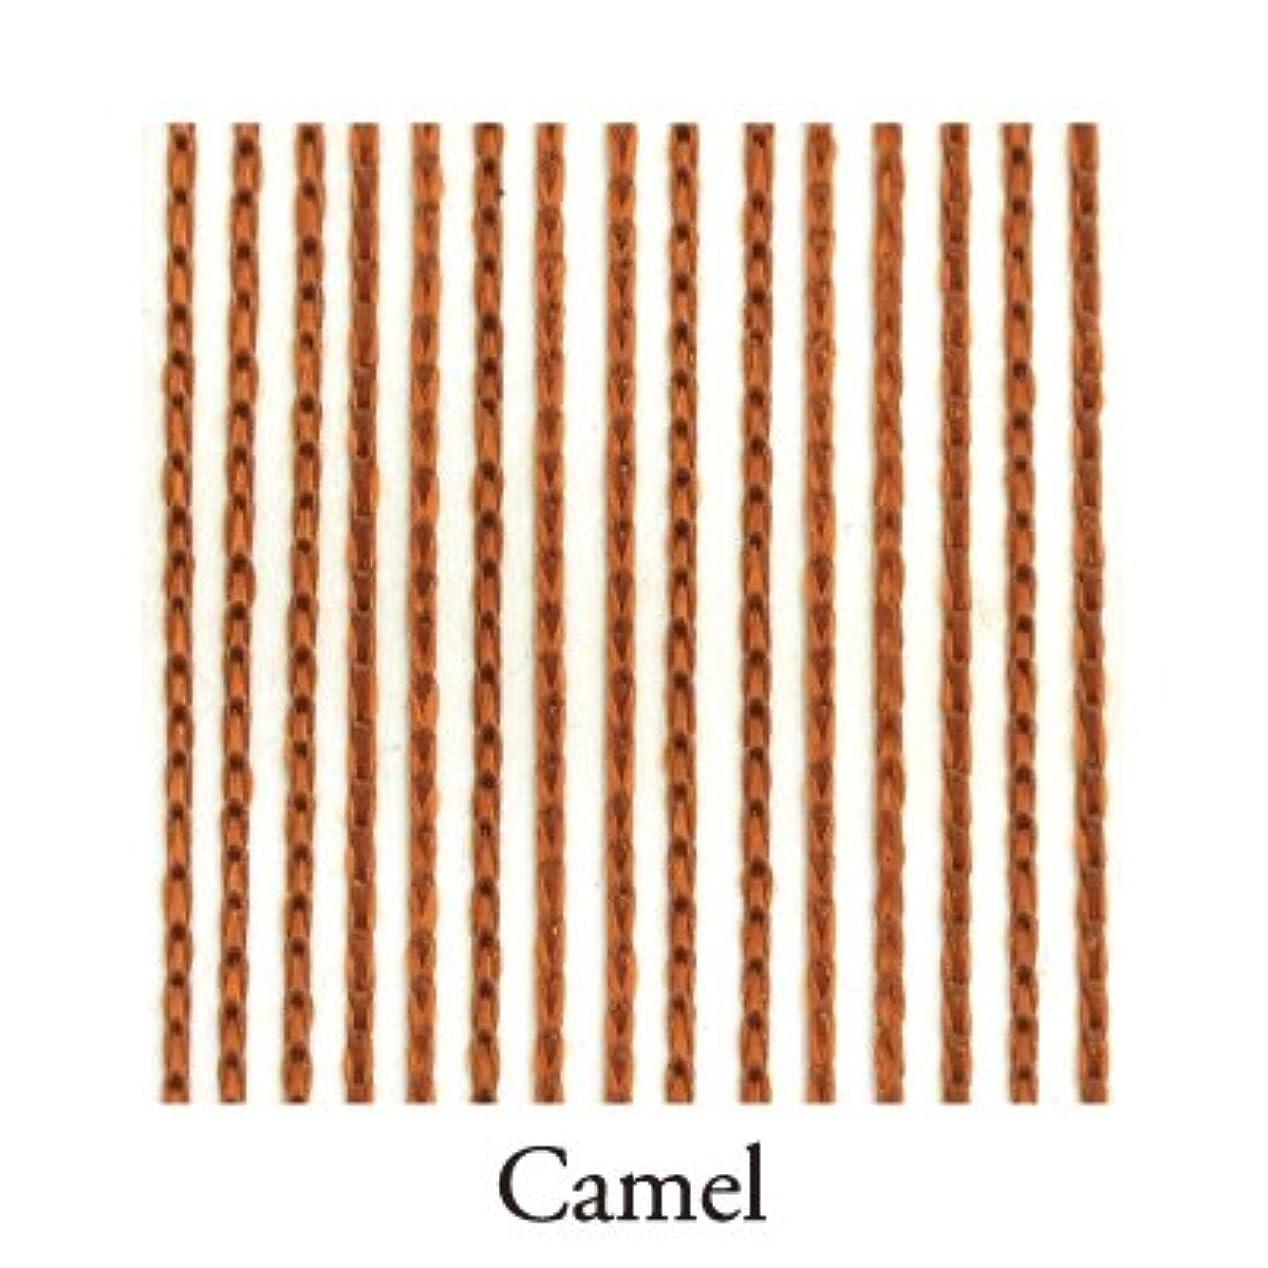 言い換えると韻密輸【Venus Select】リリアンカーテンL-010 Camel